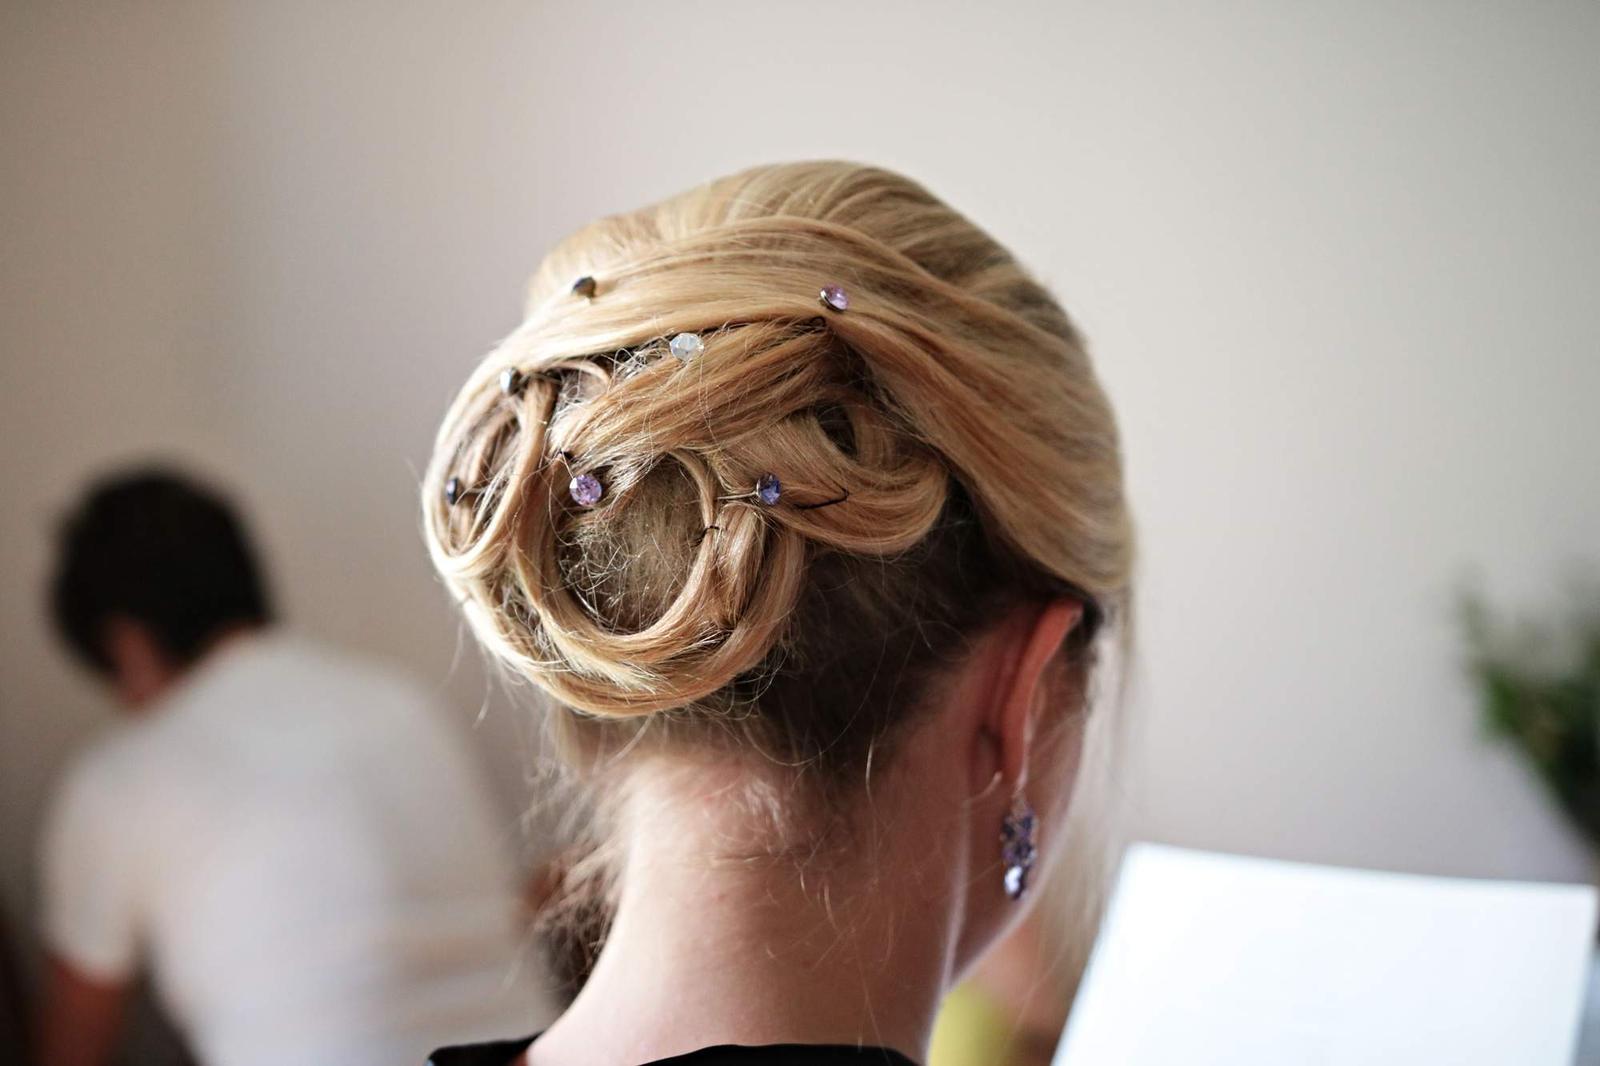 Pinetky do vlasu s kamínky - Obrázek č. 3